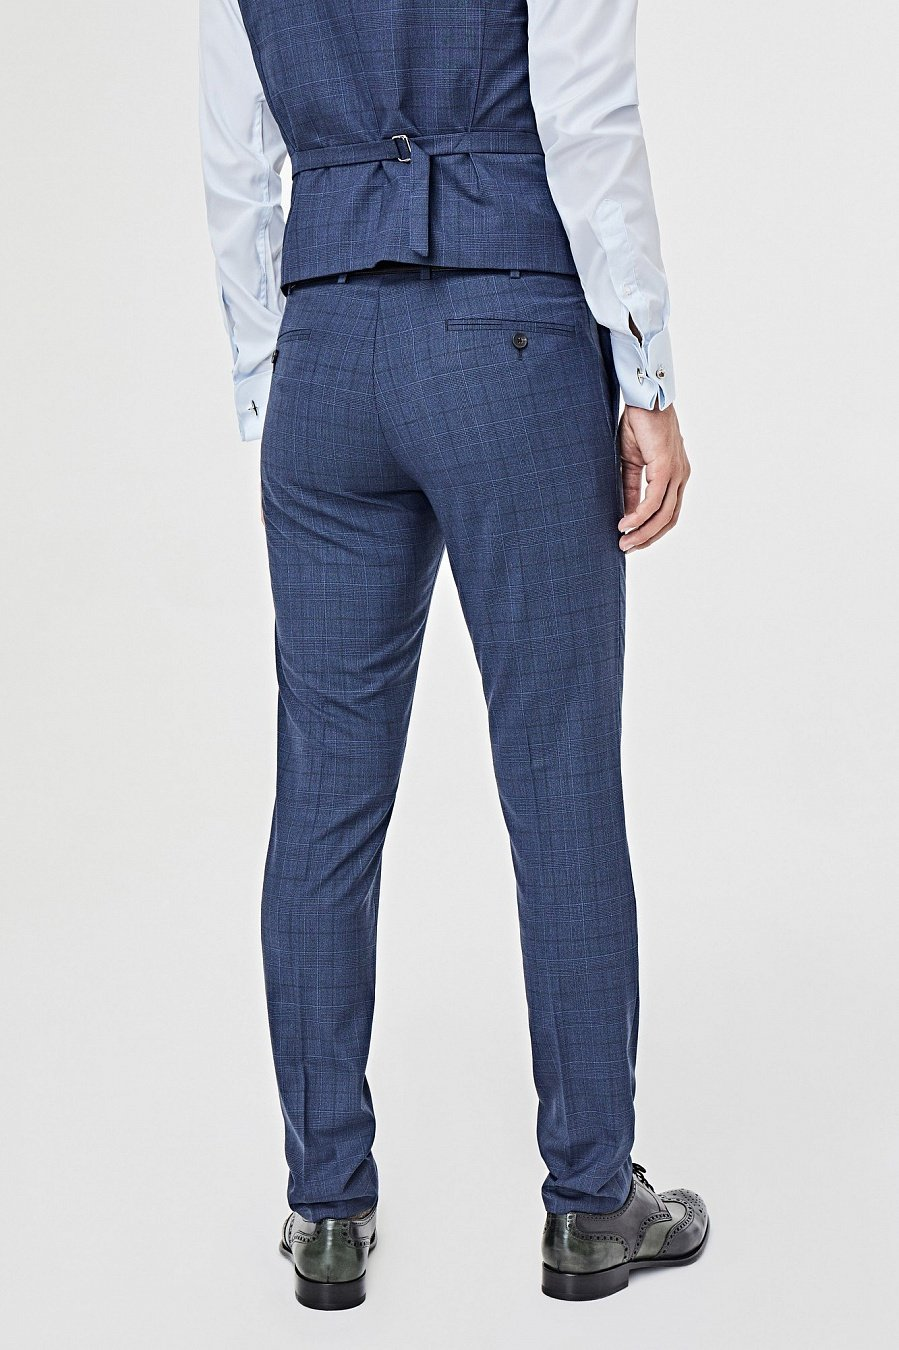 Синие костюмные брюки в неброскую клетку 413BA купить по цене 11 400 ... 4689376d46f